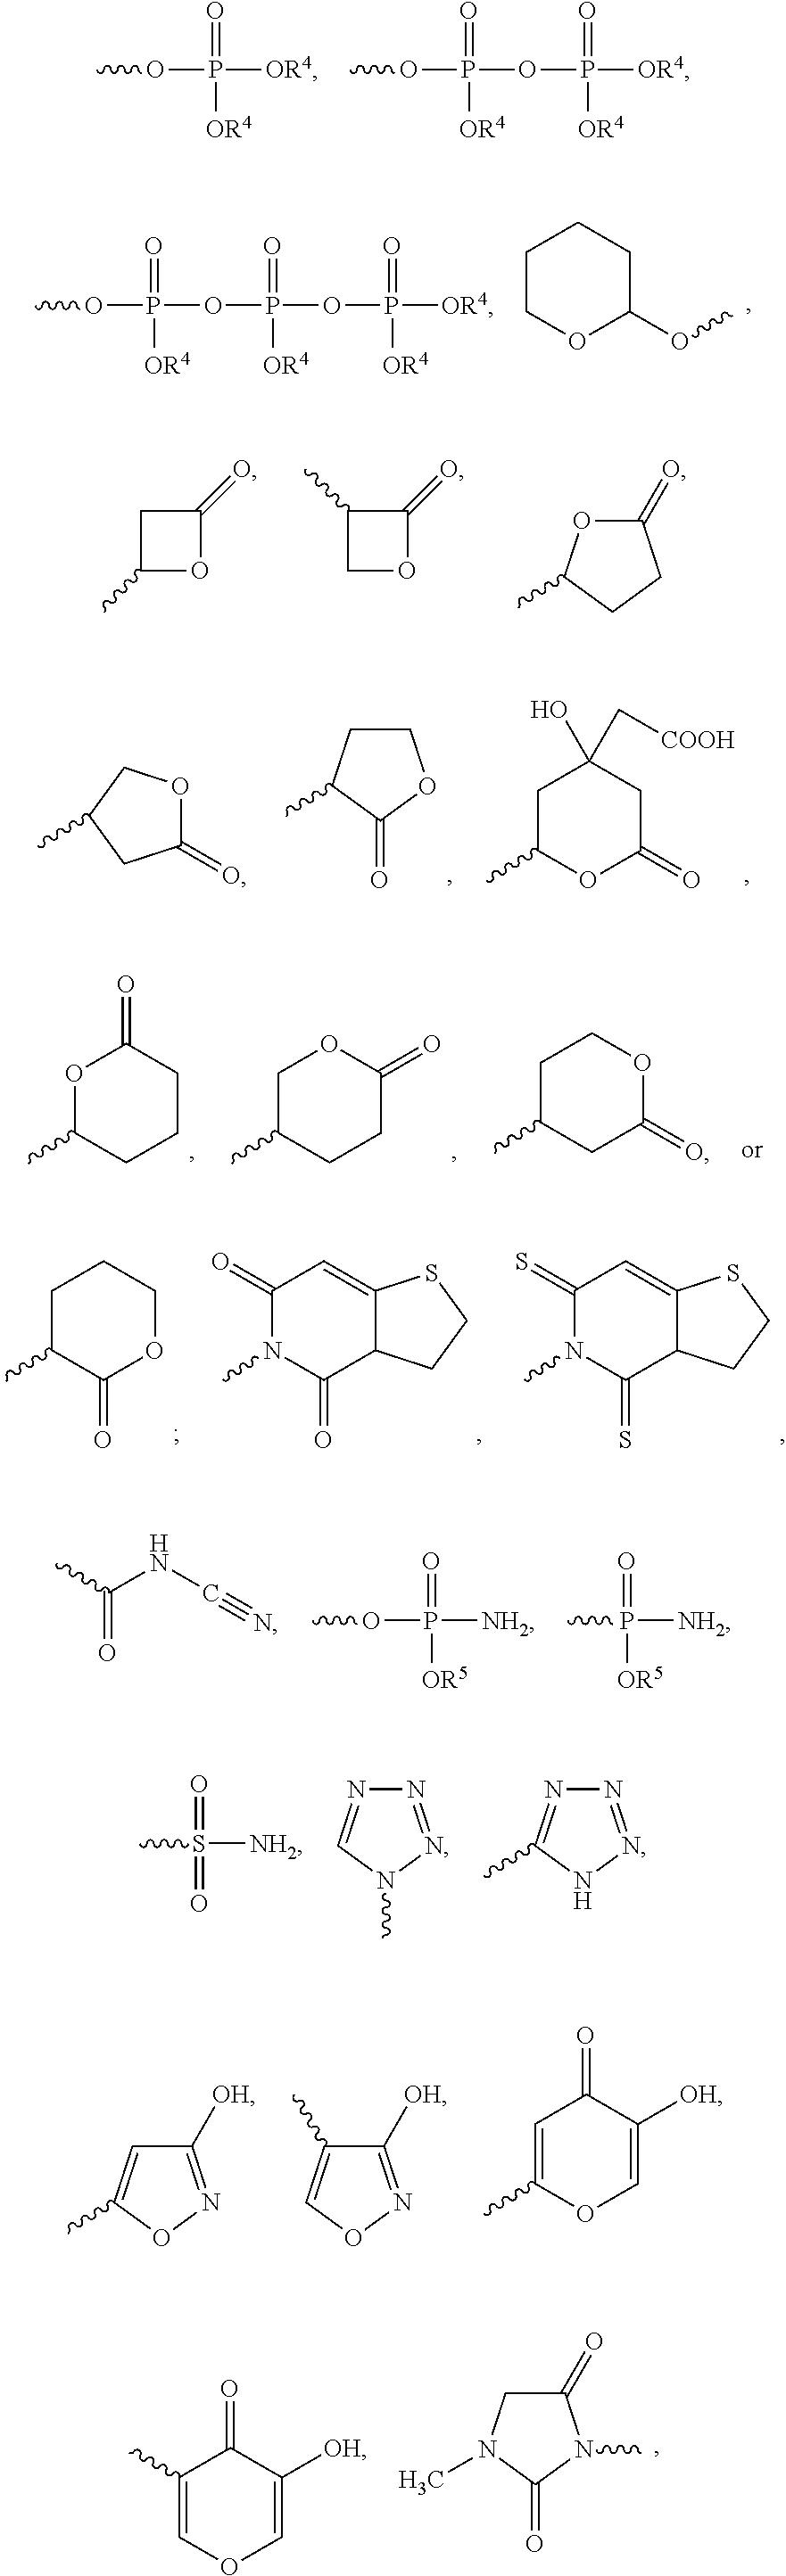 Figure US09855240-20180102-C00014